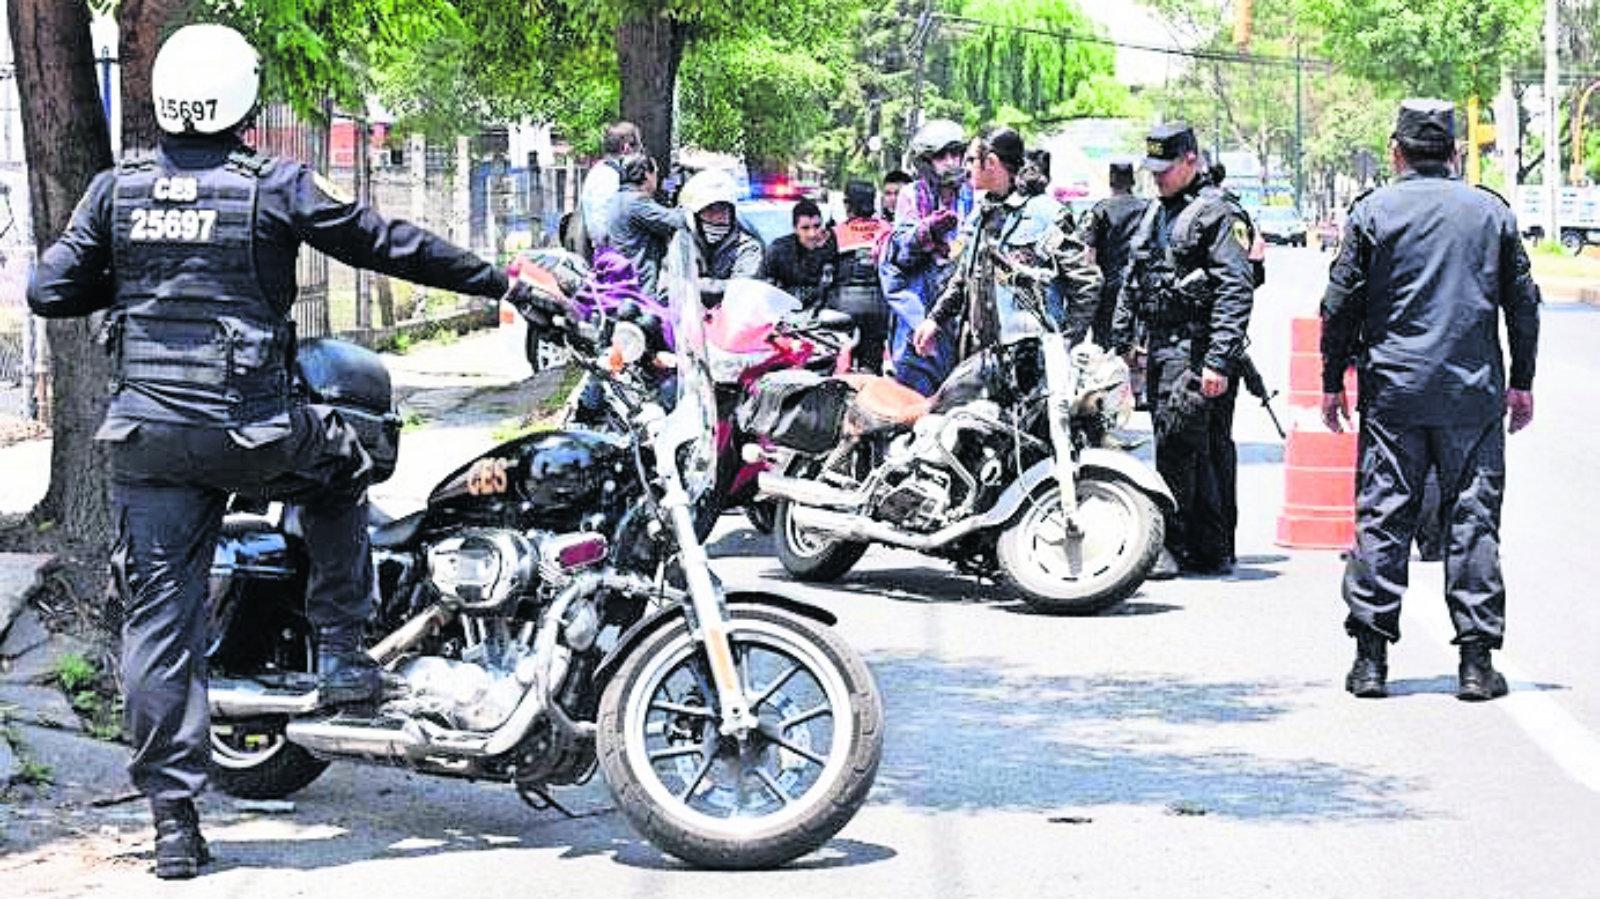 Crimen en motocicleta Revisión de documentos Edomex Toluca